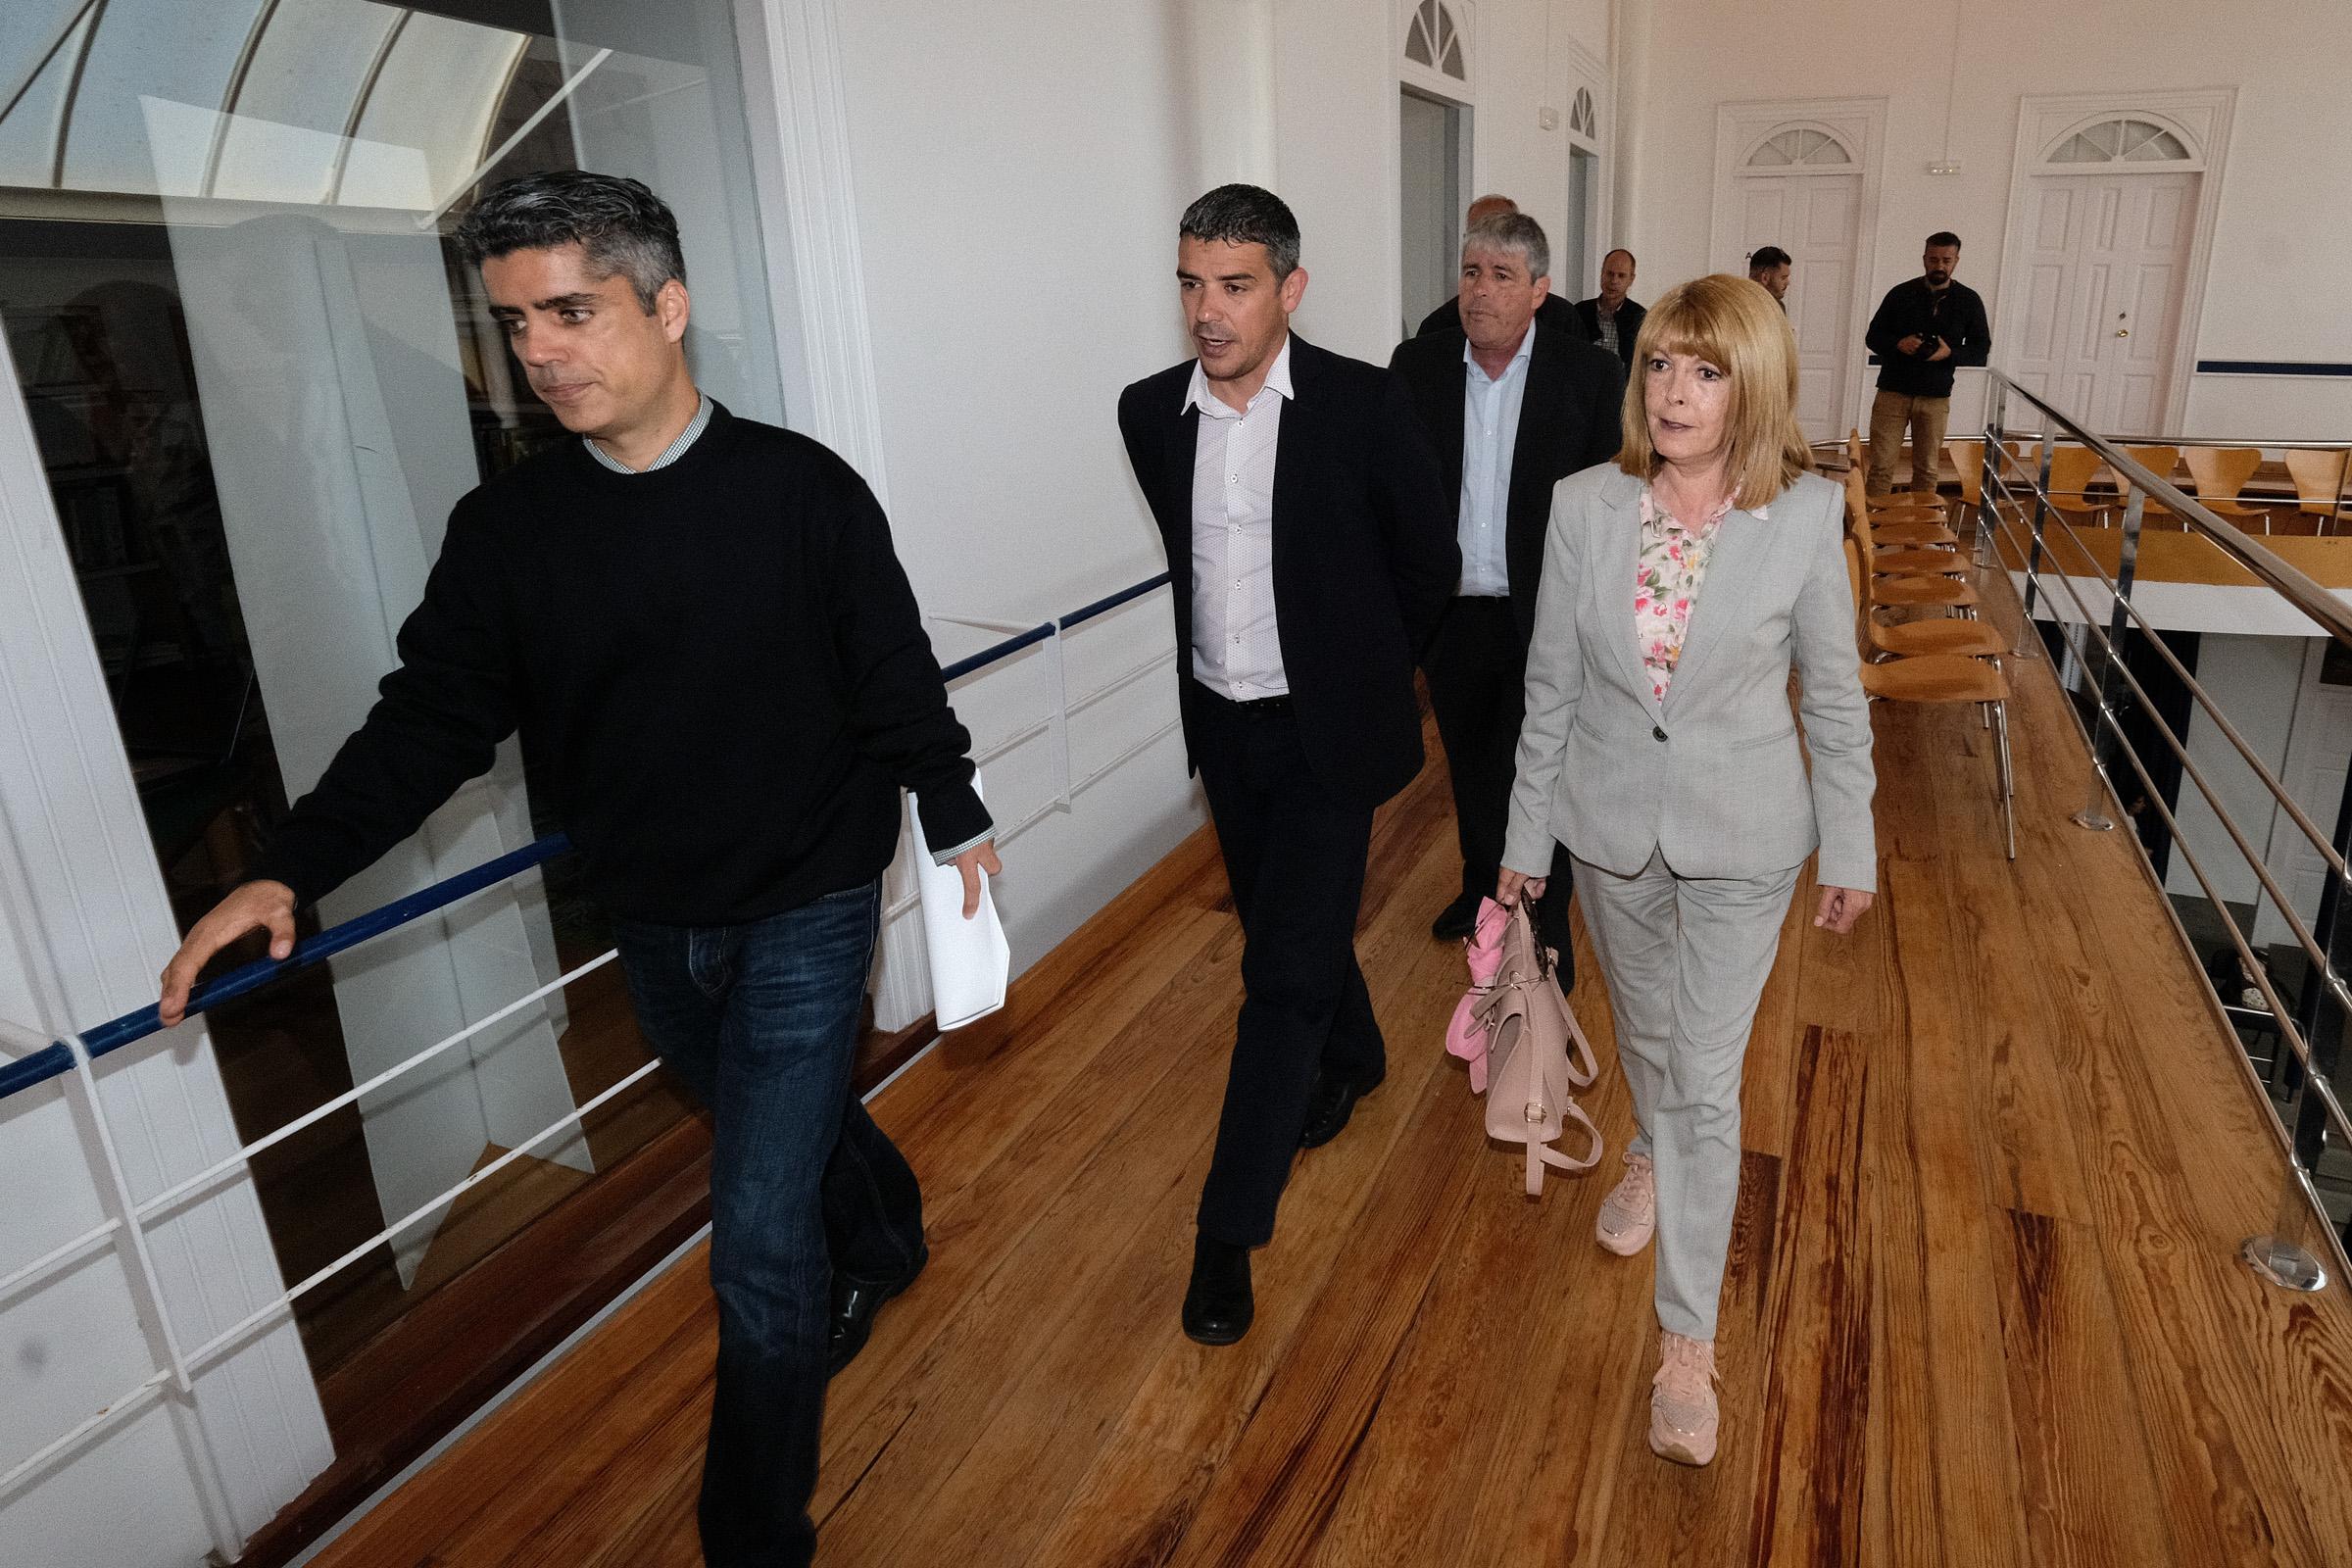 El Gobierno de Canarias destina una subvención de 162.000 euros al Ayuntamiento de Firgas